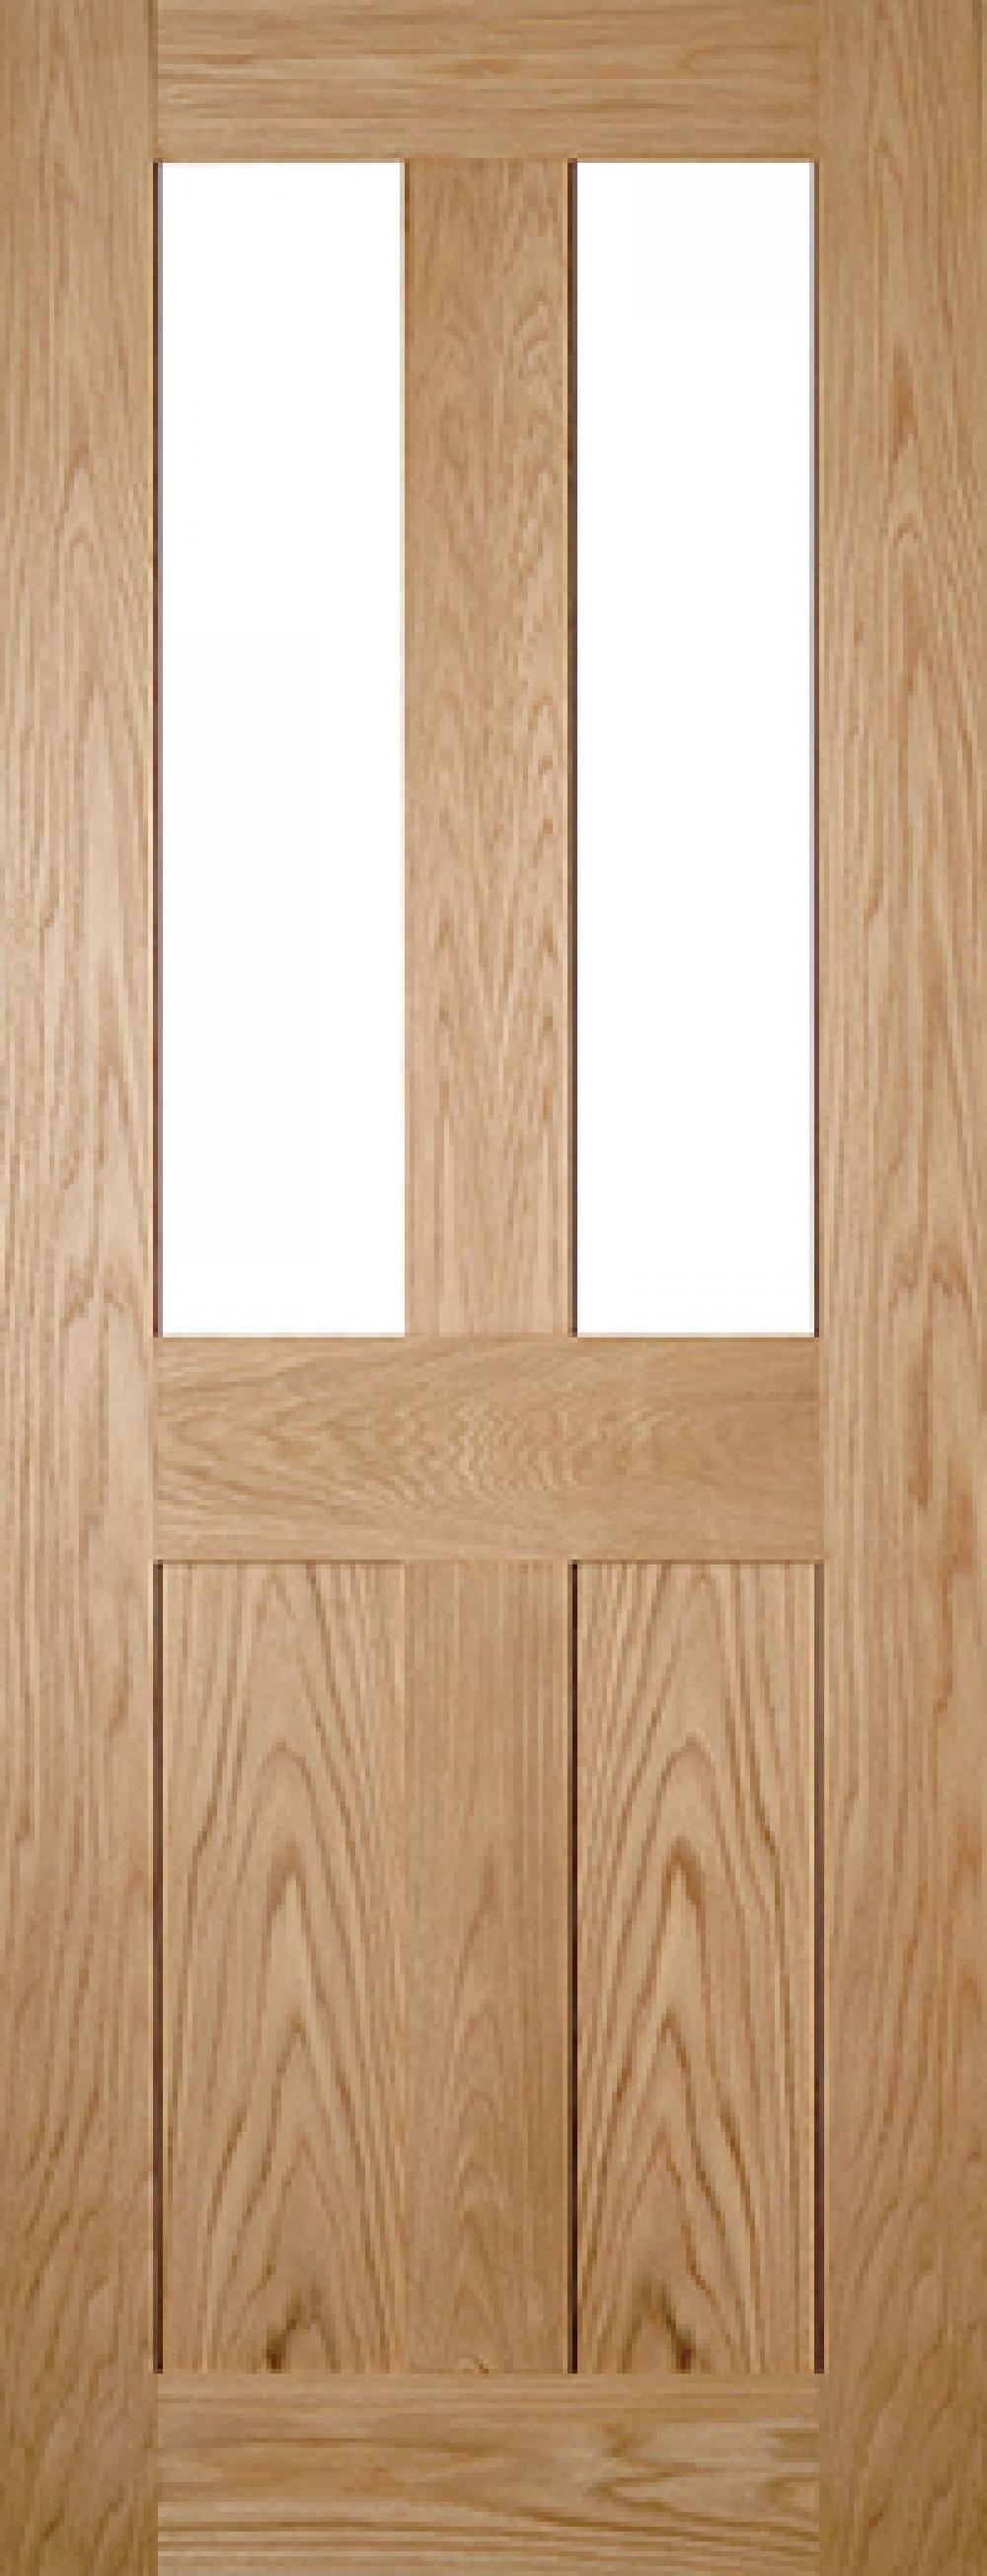 Eton Oak Glazed Image